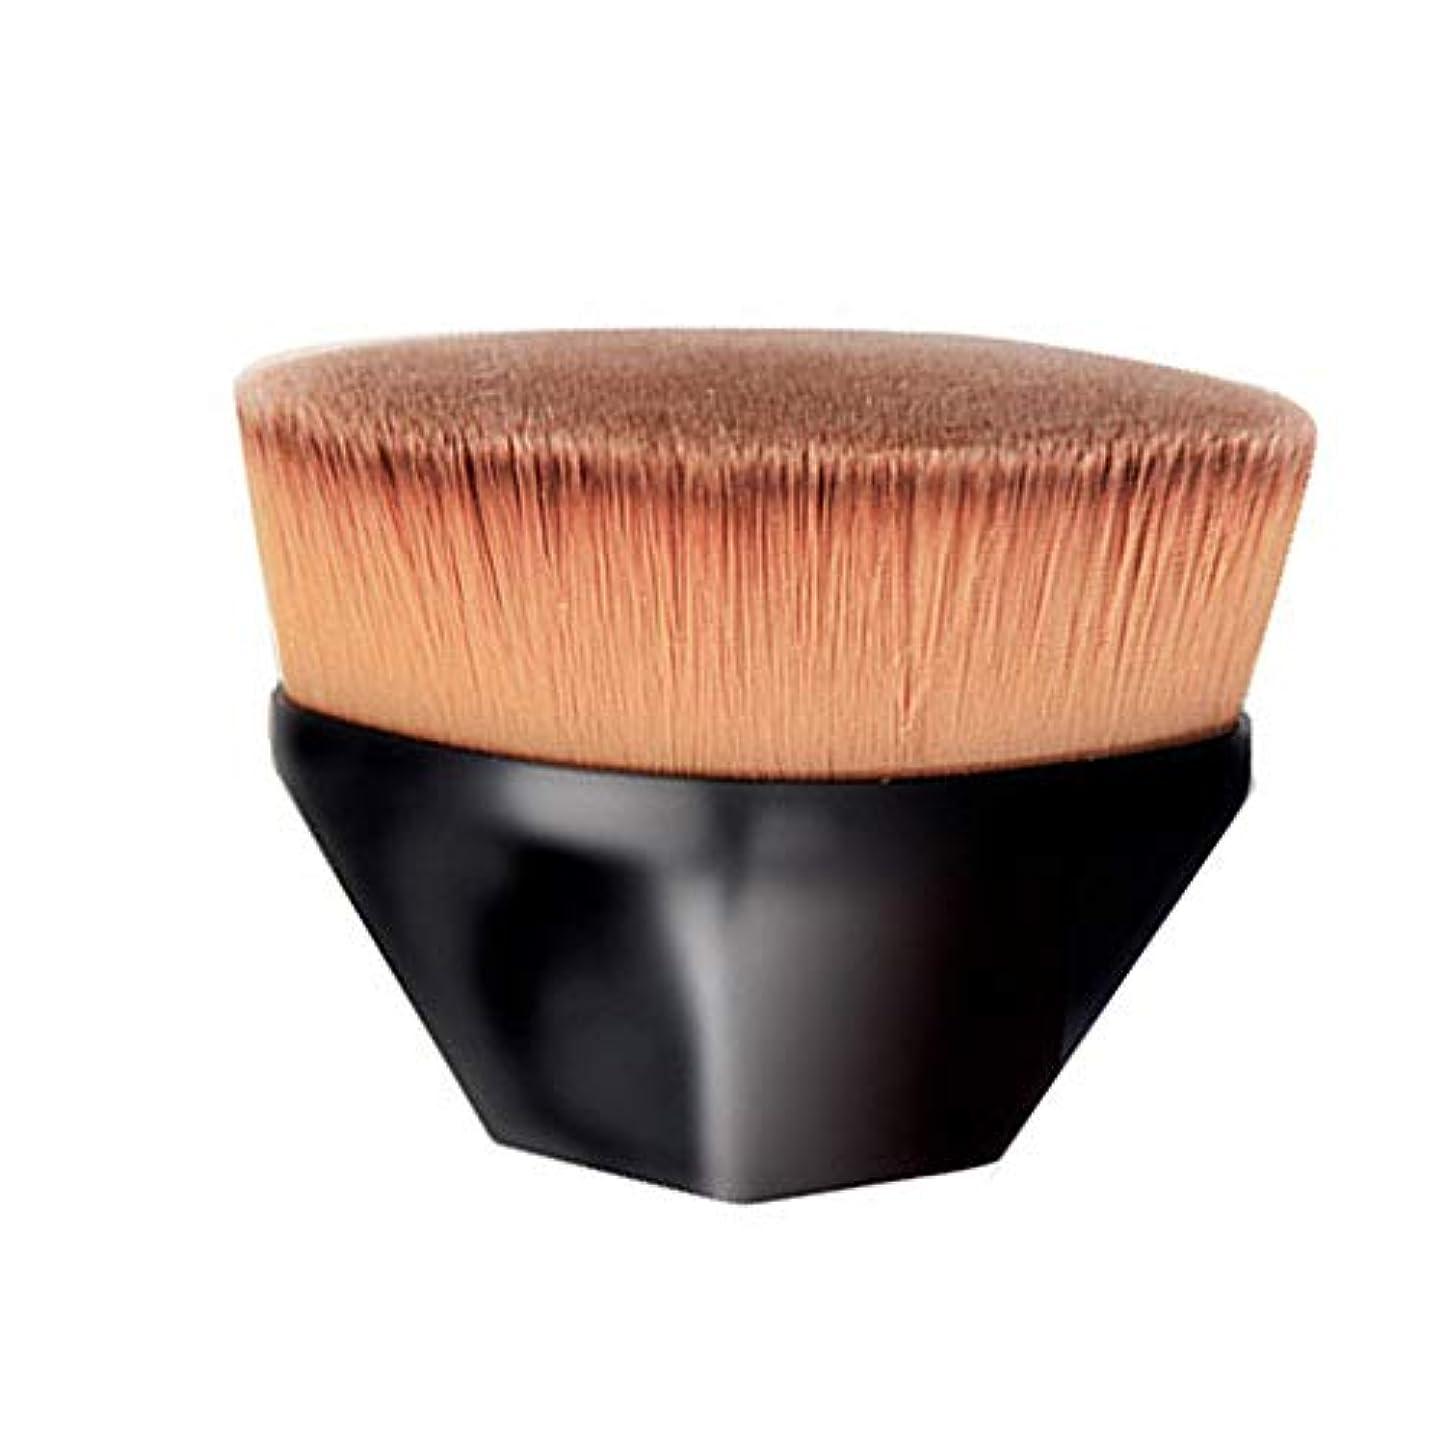 ベリースコアアンソロジーYuJiny メイクアップブラシ 粧ブラシ 可愛い 化粧筆 肌に優しい ファンデーションブラシ アイシャドウブラシ 携帯便利 (ブラック)